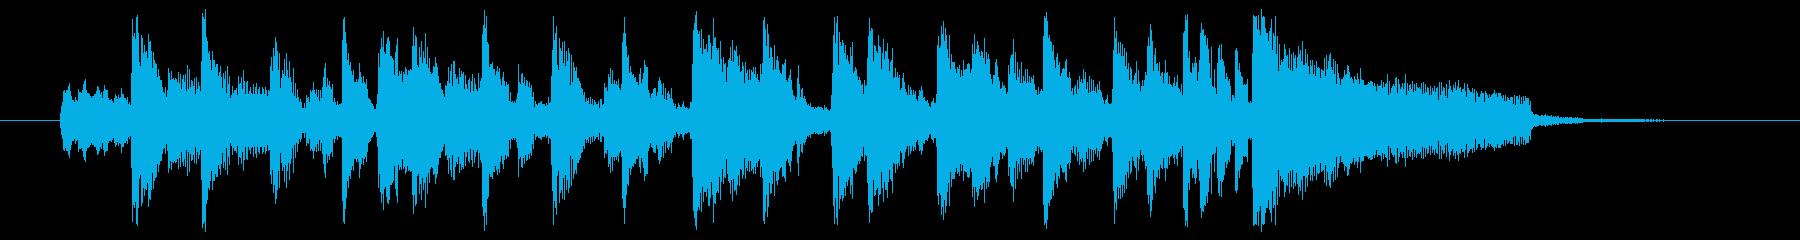 コーナータイトル_80Sの再生済みの波形